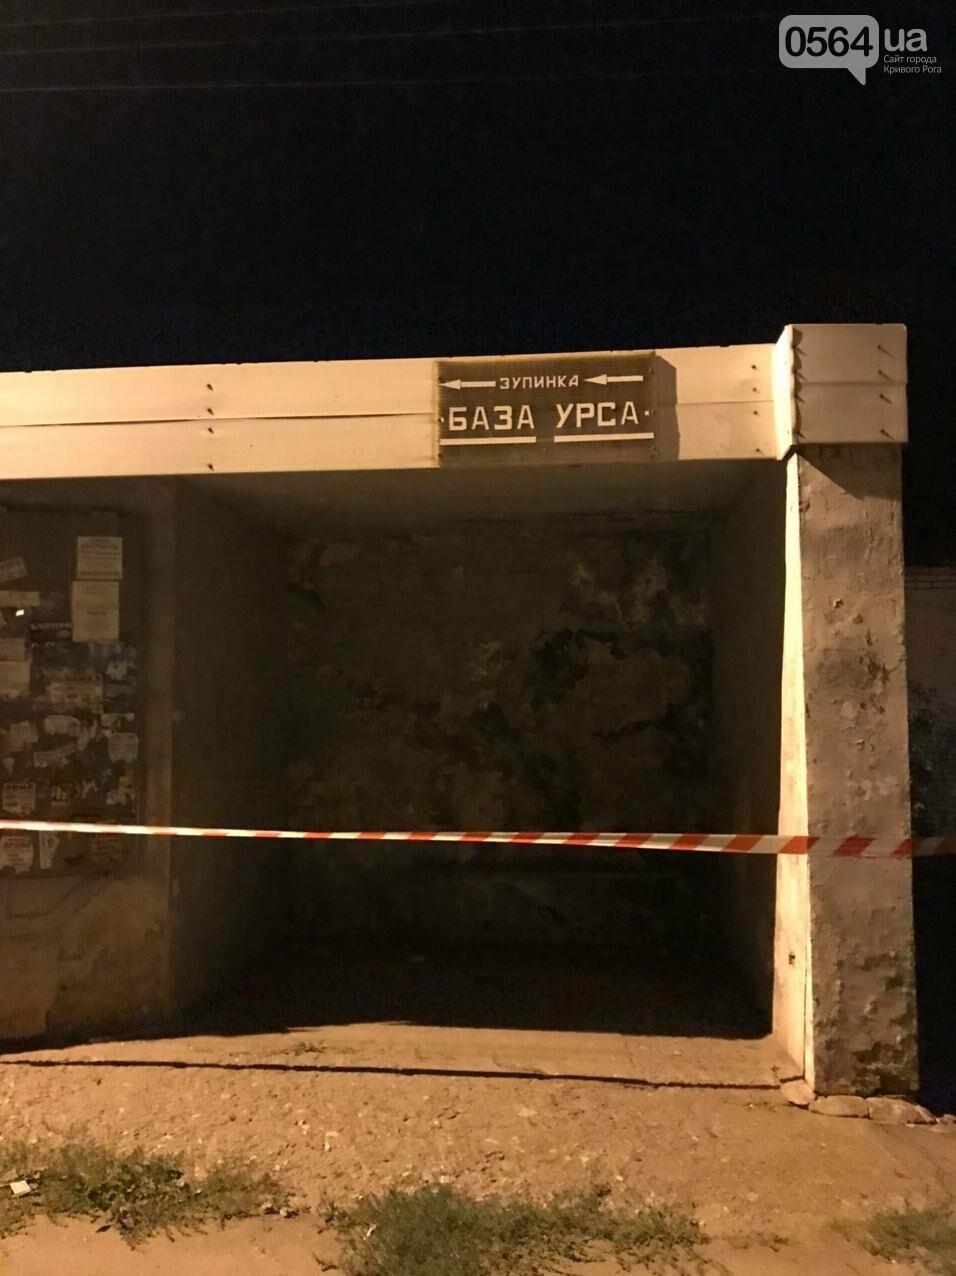 Криворожанин обнаружил на остановке гранату, - ФОТО , фото-1